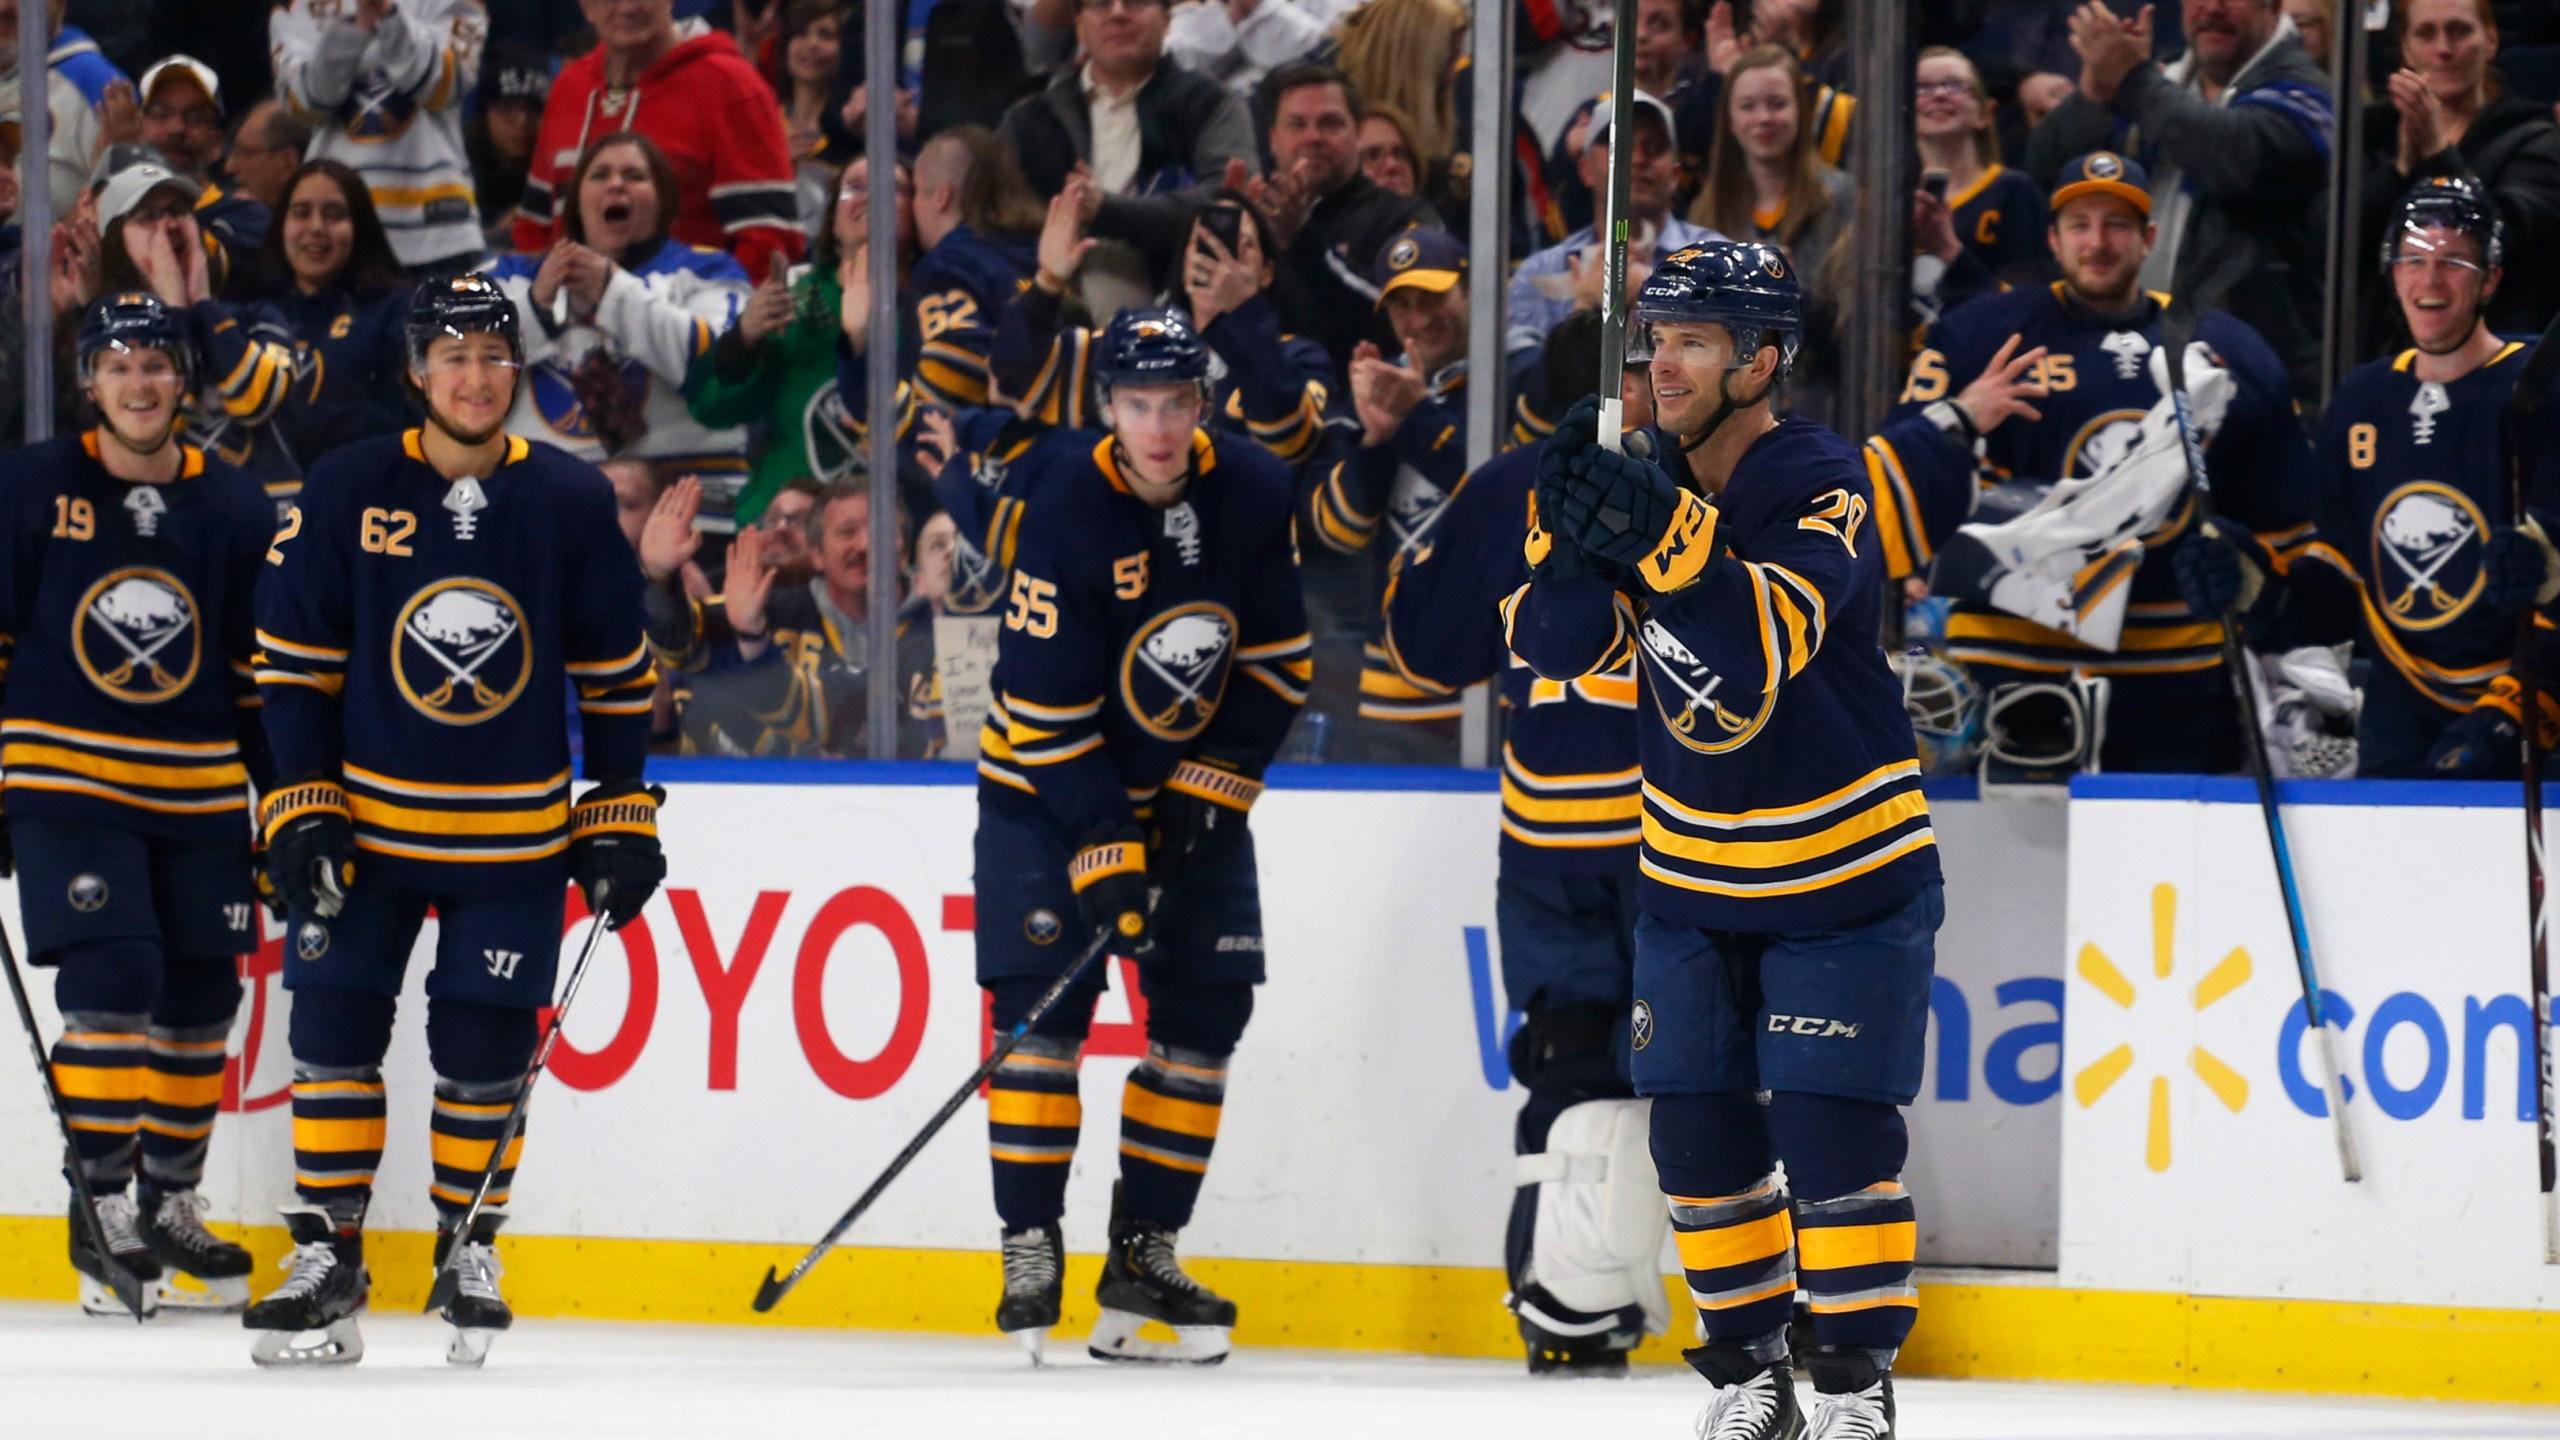 Senators Sabres Hockey_1554429802933